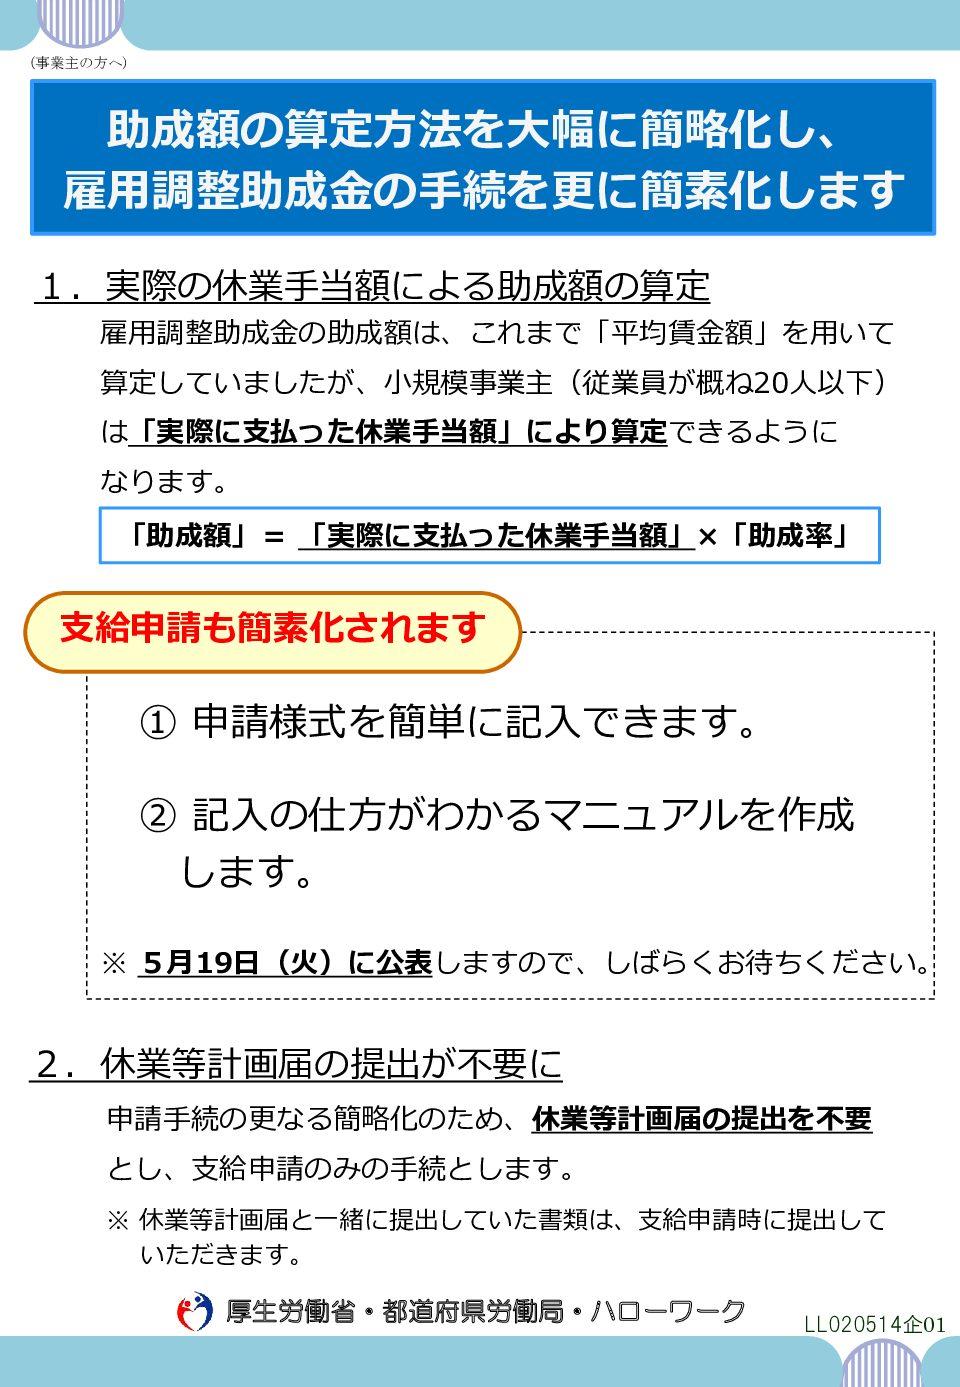 【手続の簡素化】雇用調整助成金(5/19公表分)